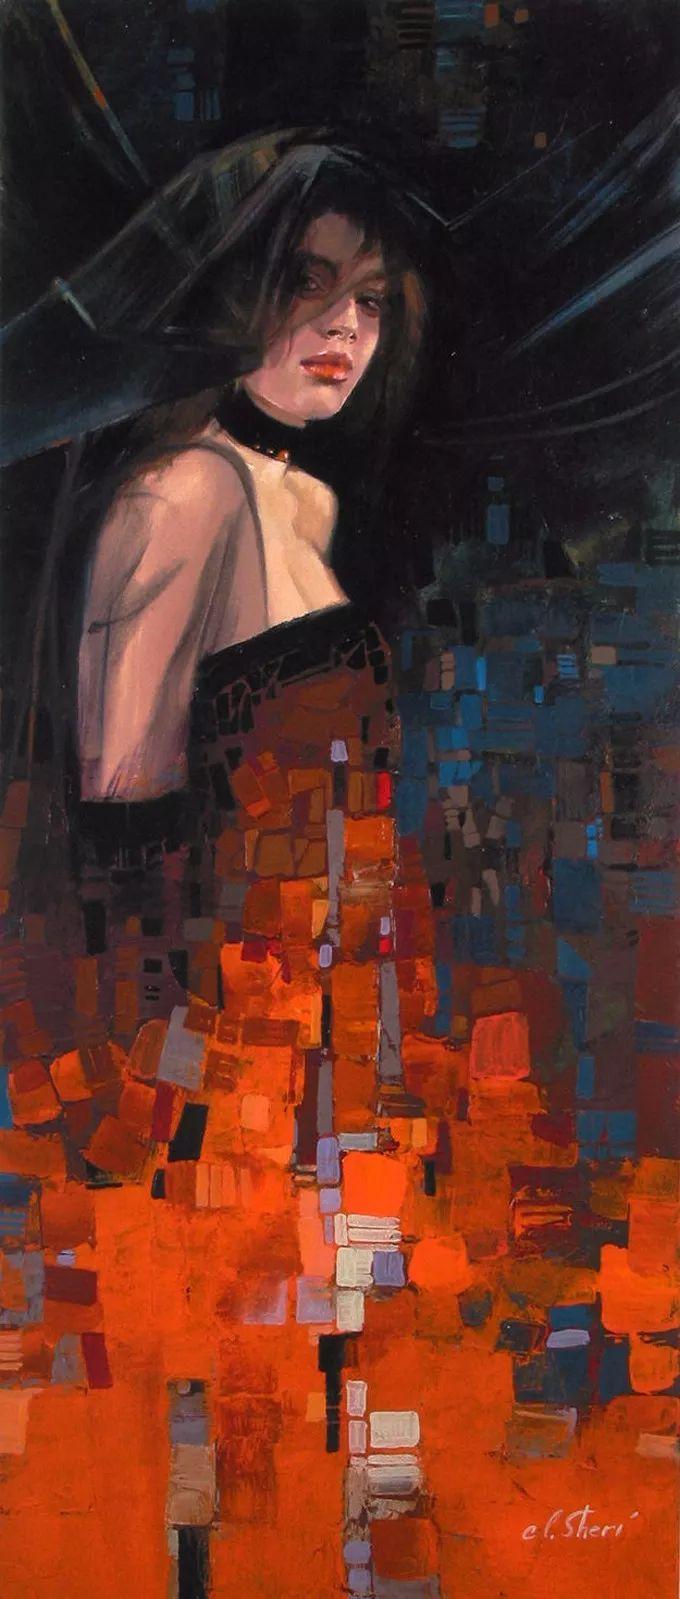 她的油画有一种惊艳脱俗的美,乌克兰天才女画家艾琳·谢里插图50